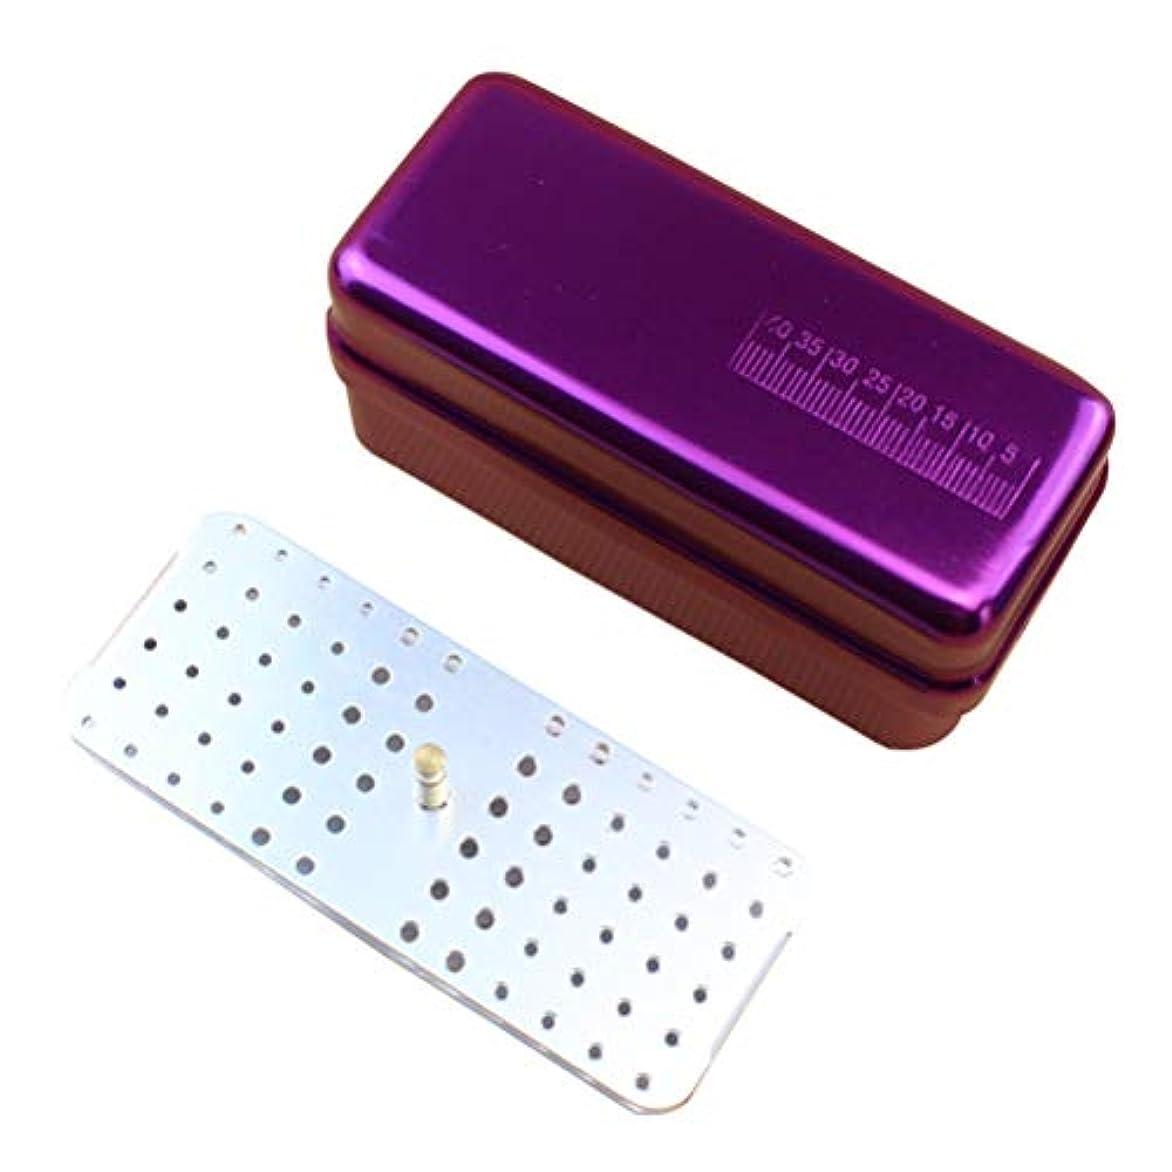 継続中チラチラするアナロジーSUPVOX 72穴歯科用バーブロックホルダーオーラルケアツール用ダイヤモンドバーホルダーブロック消毒ボックス(パープル)